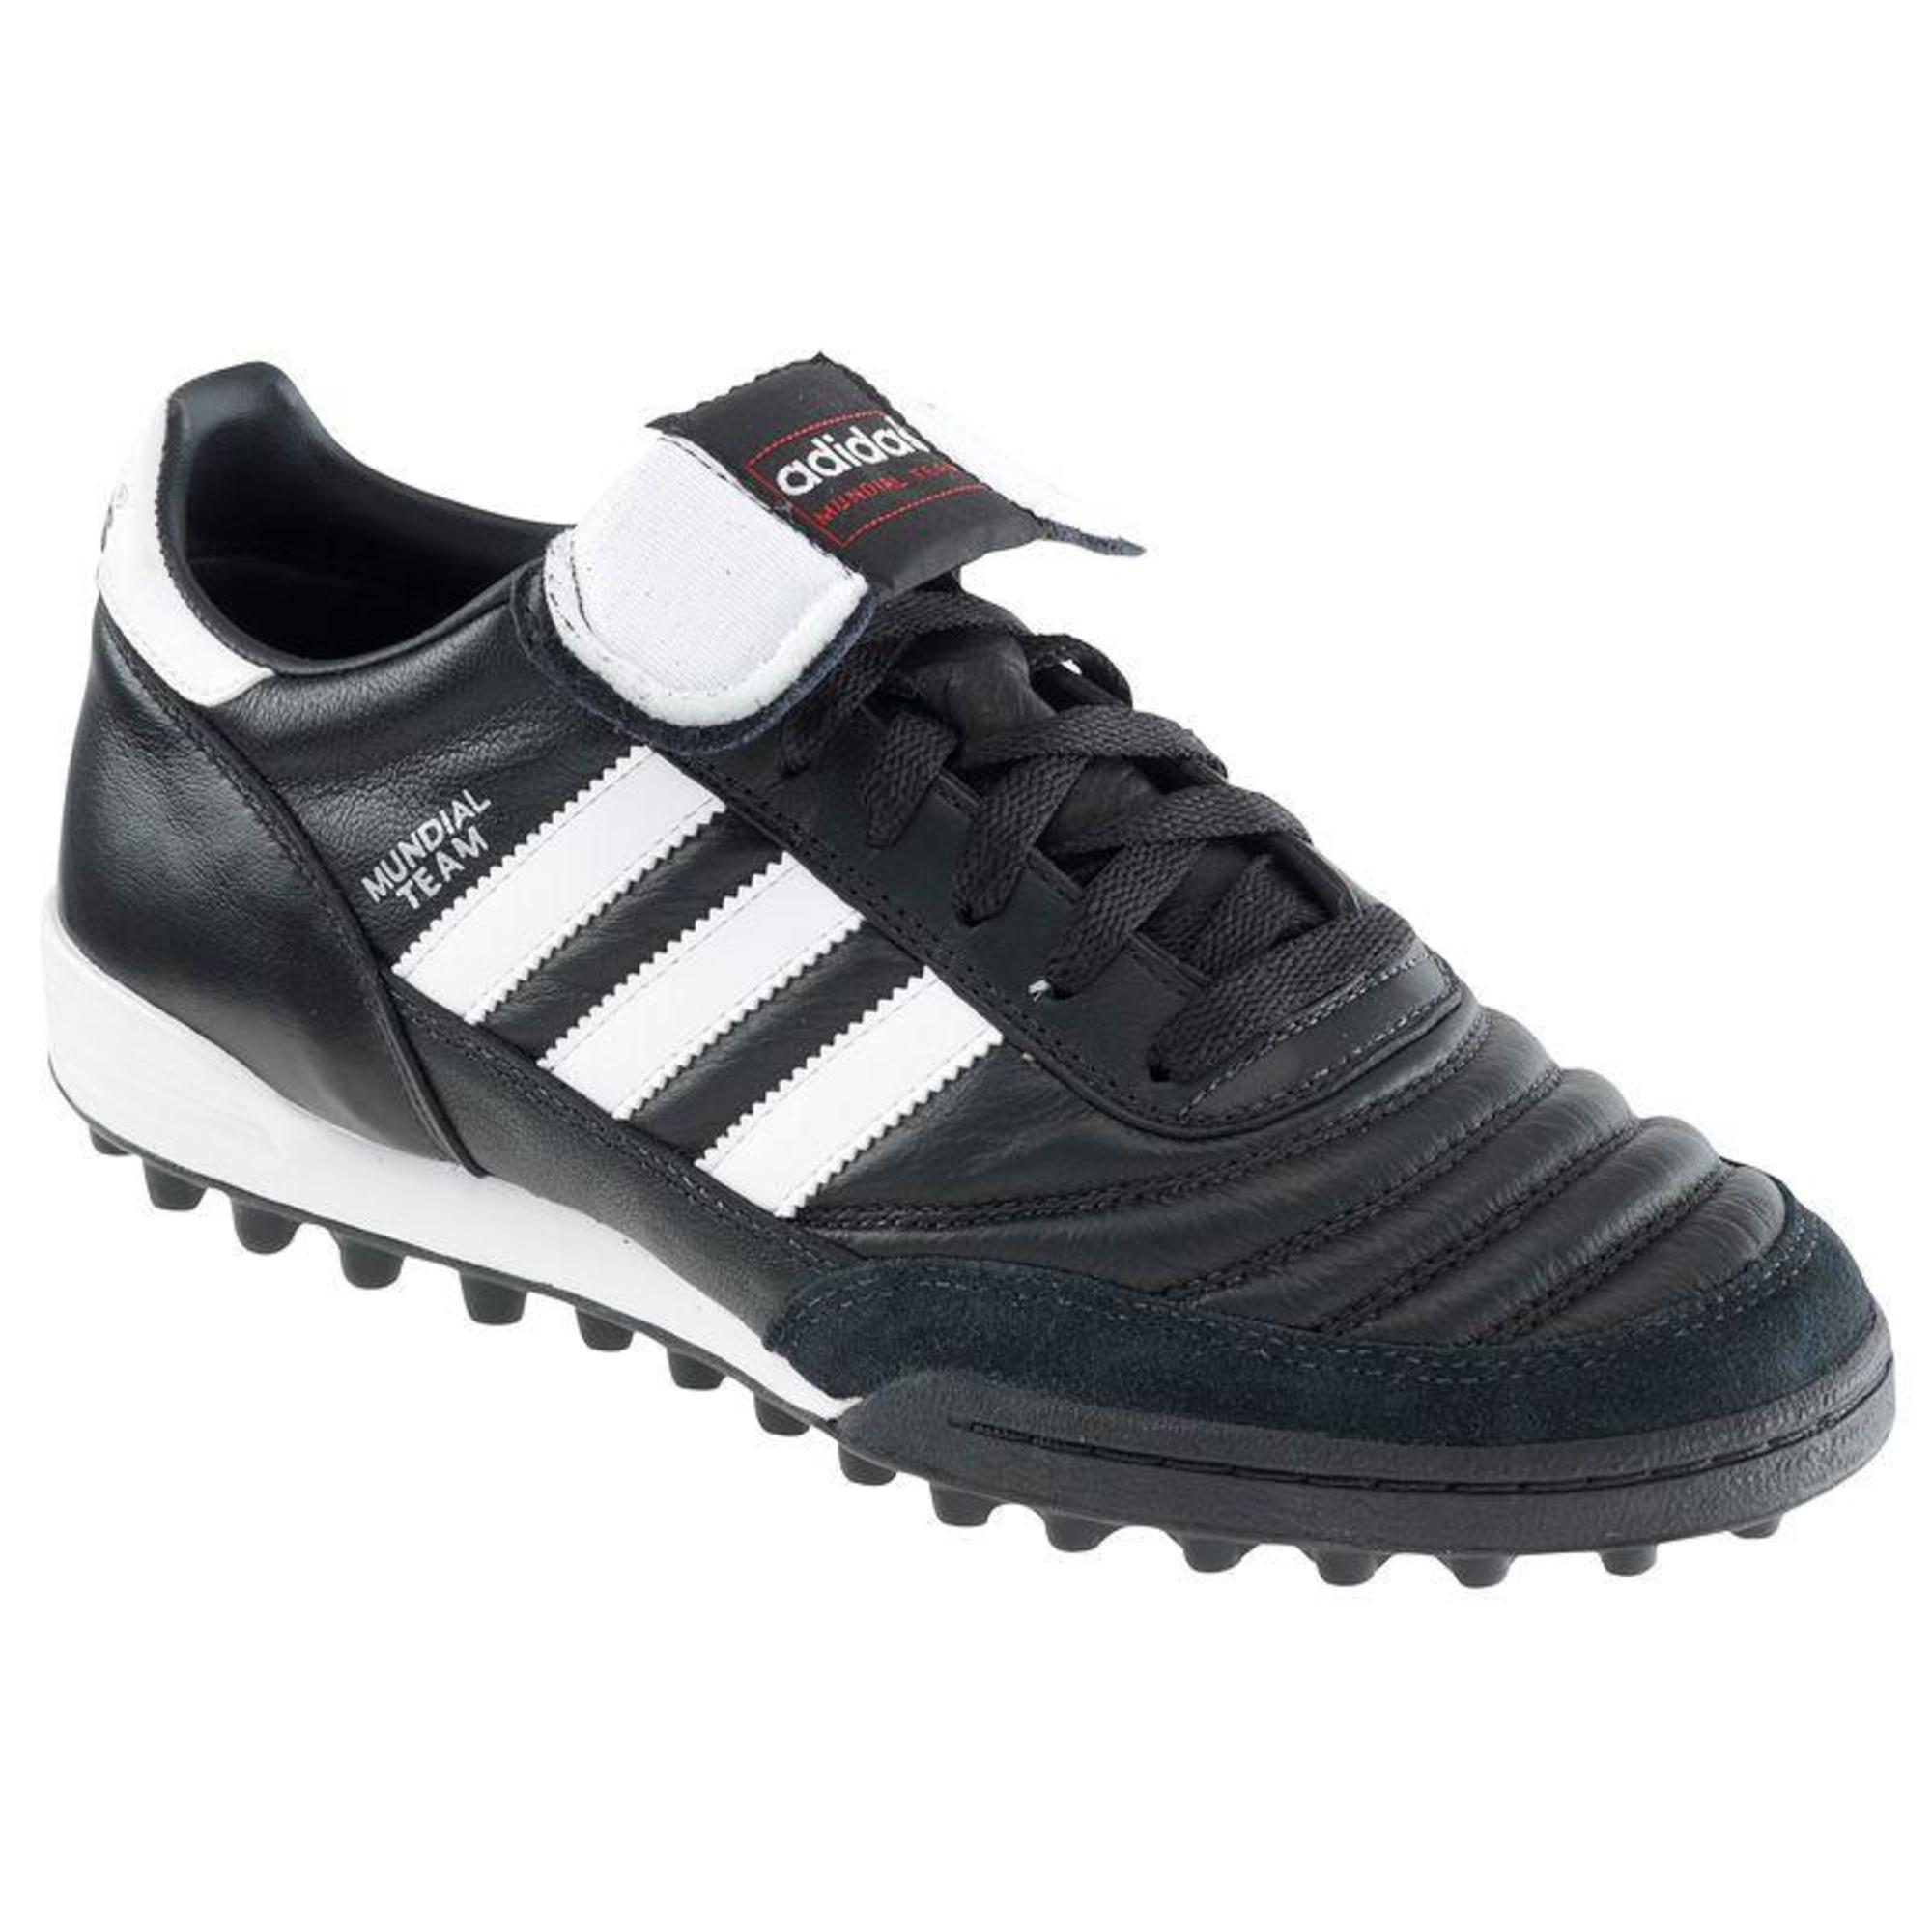 ae7dfd5e516d9 Adidas